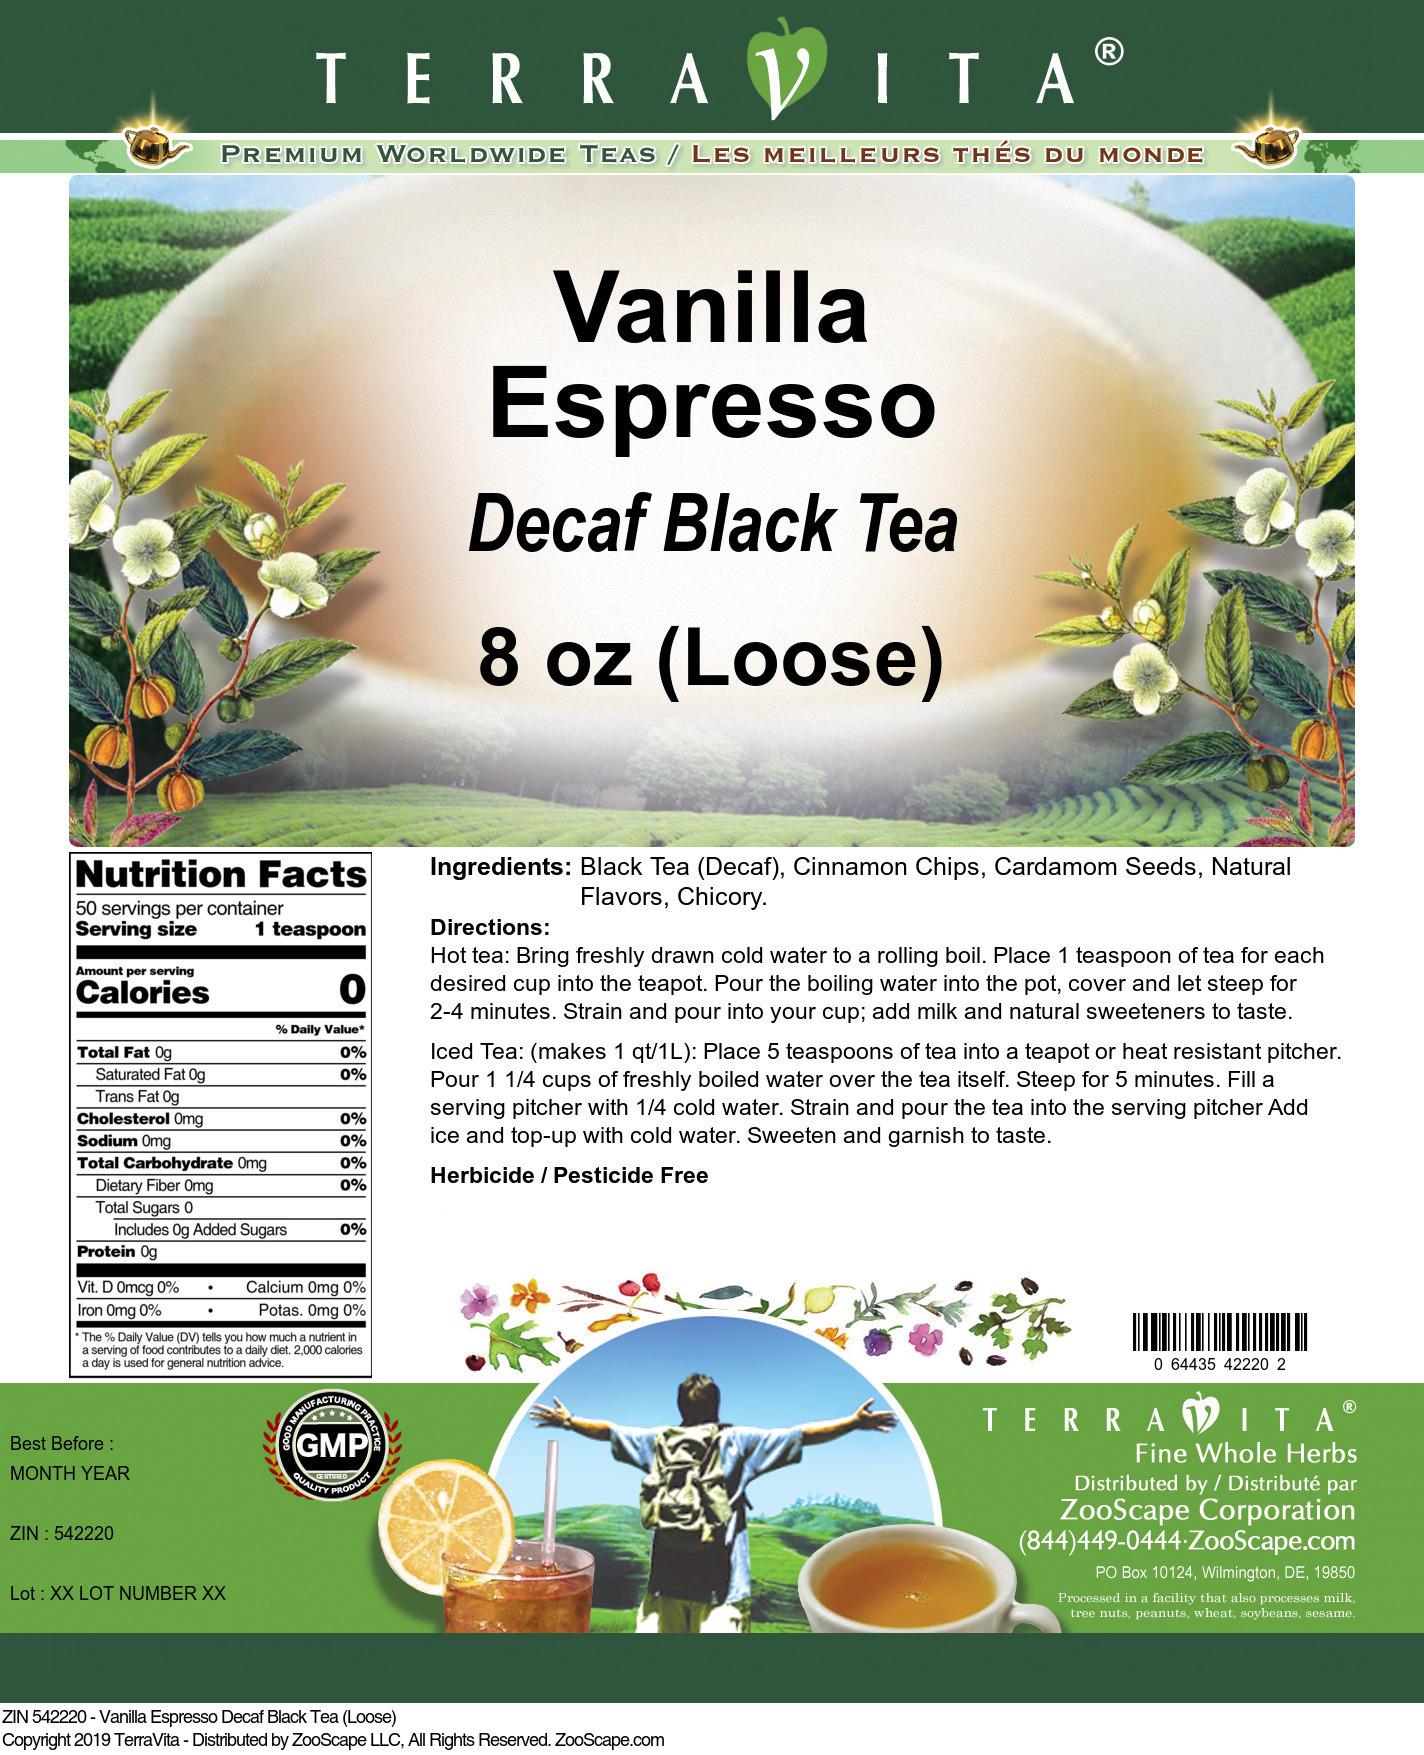 Vanilla Espresso Decaf Black Tea (Loose)